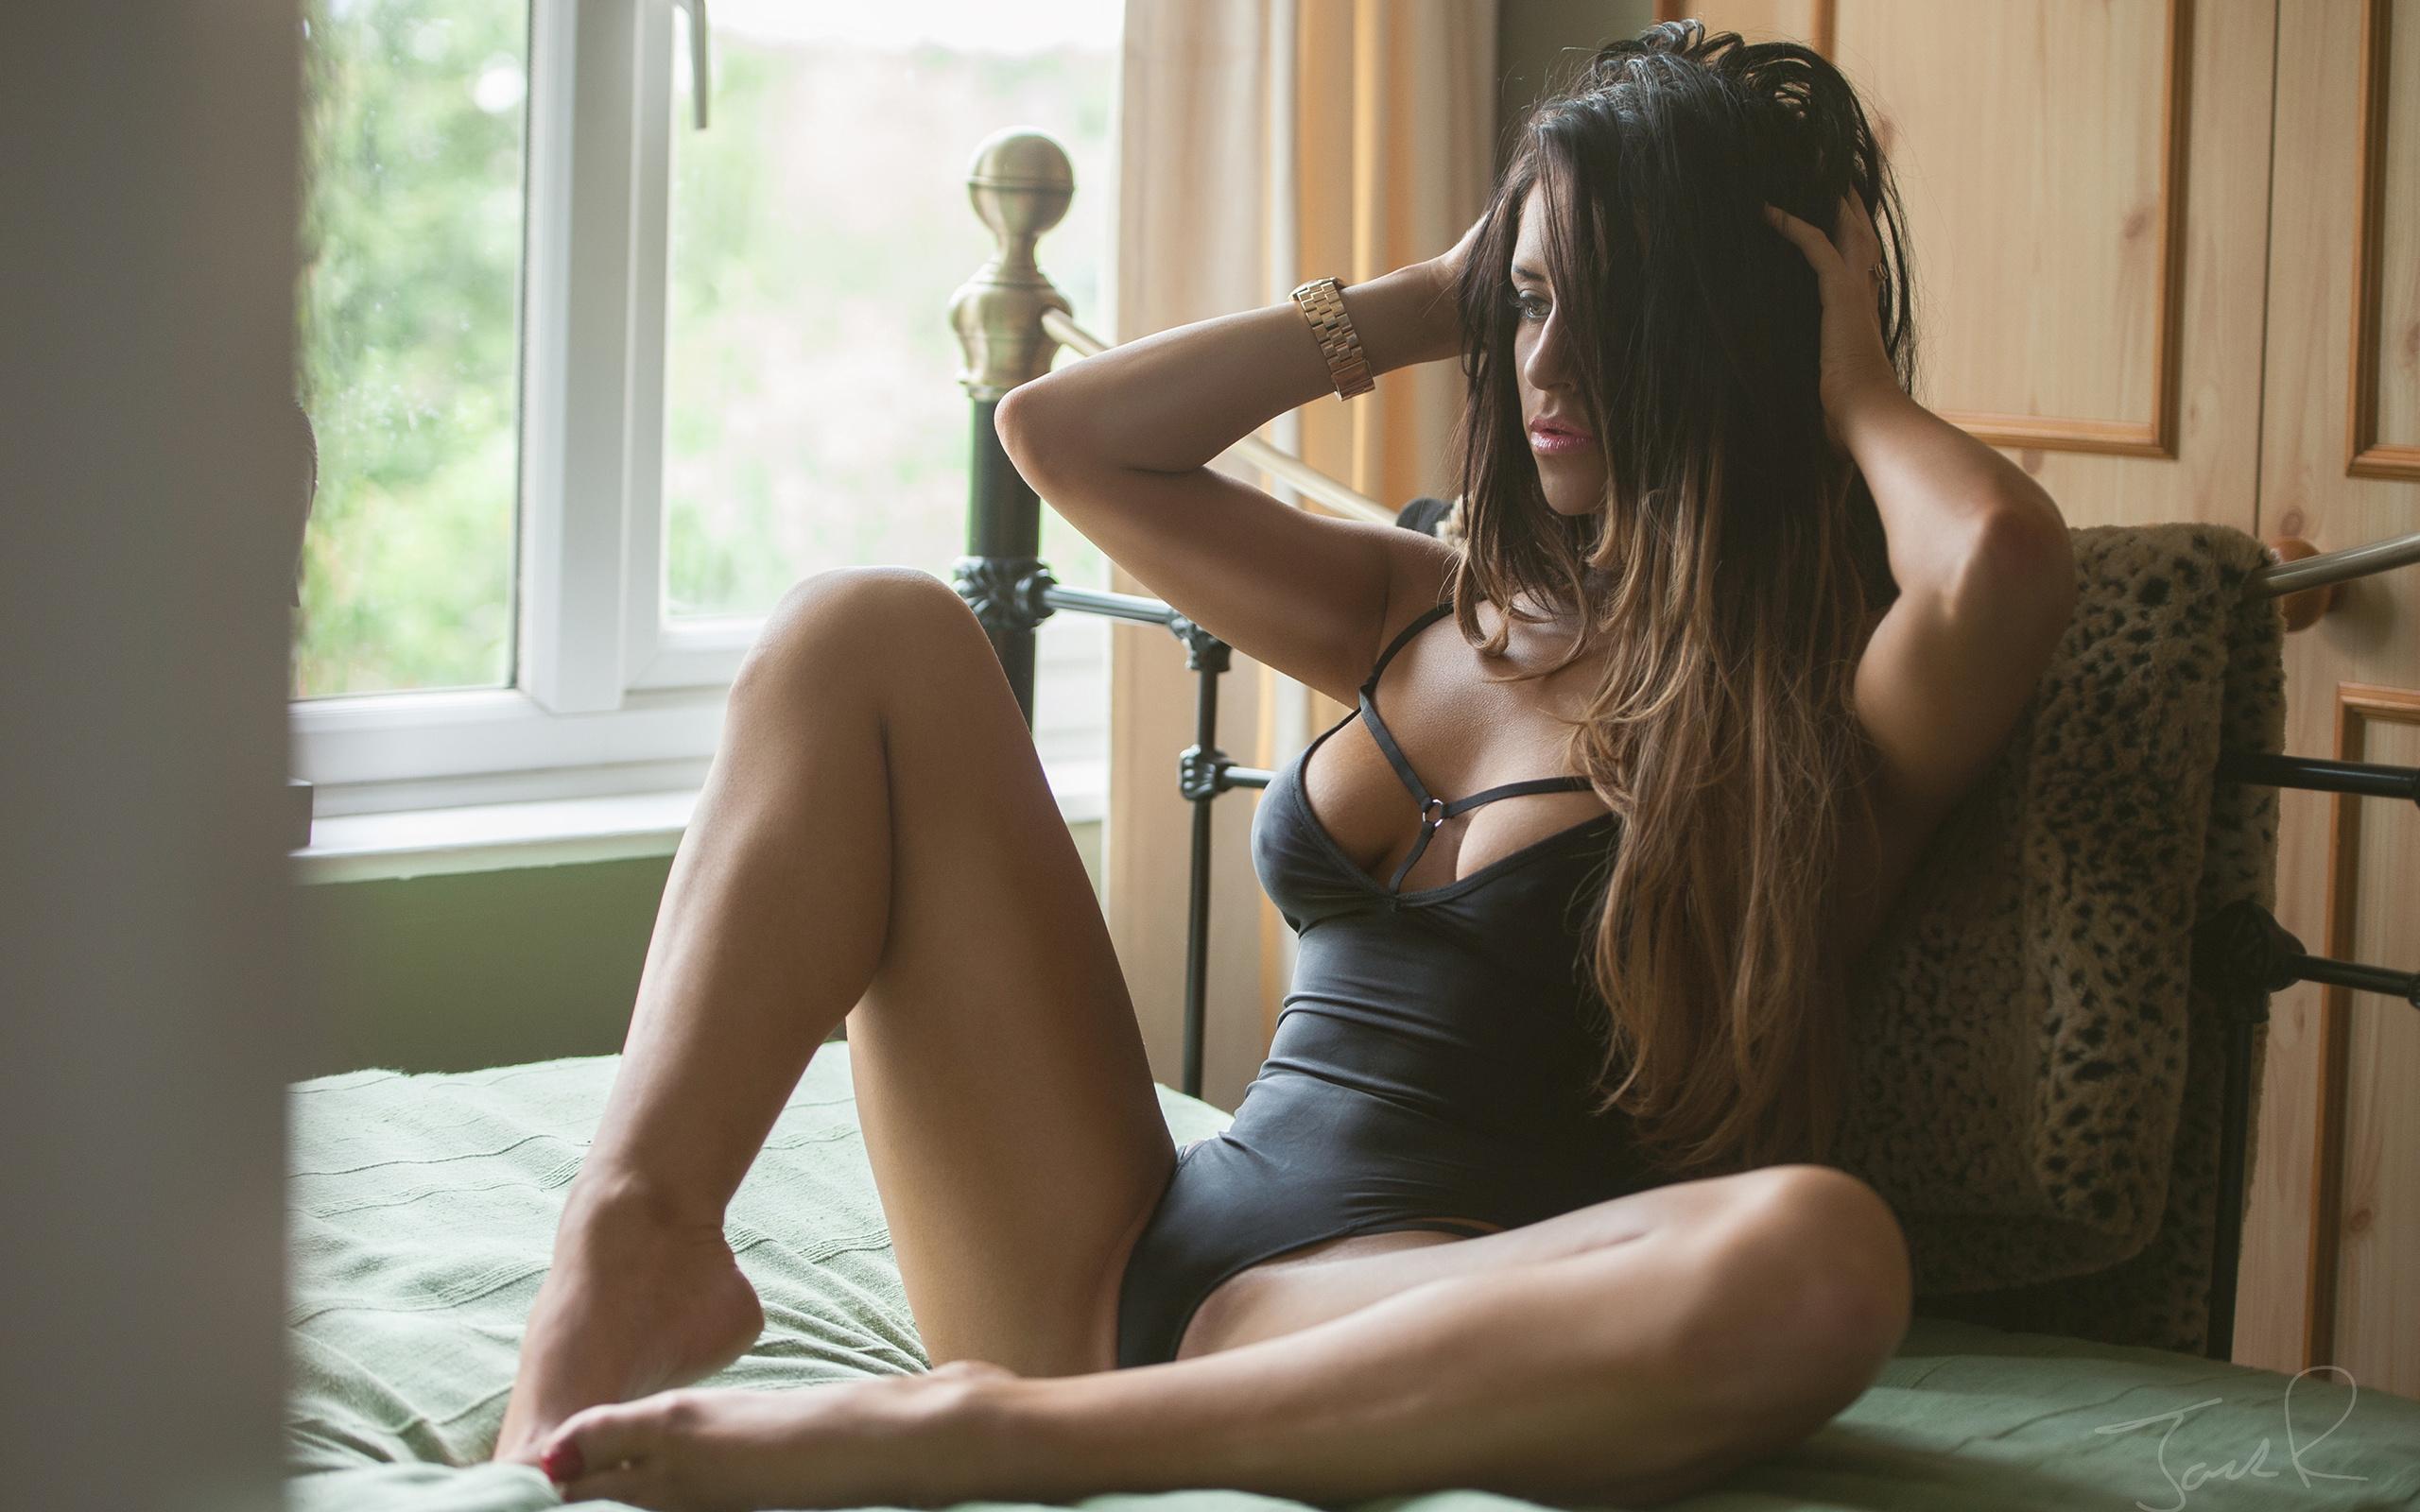 Фото красивых девушек эро домашние, Голые частное фото девушек - любители порно фото 25 фотография